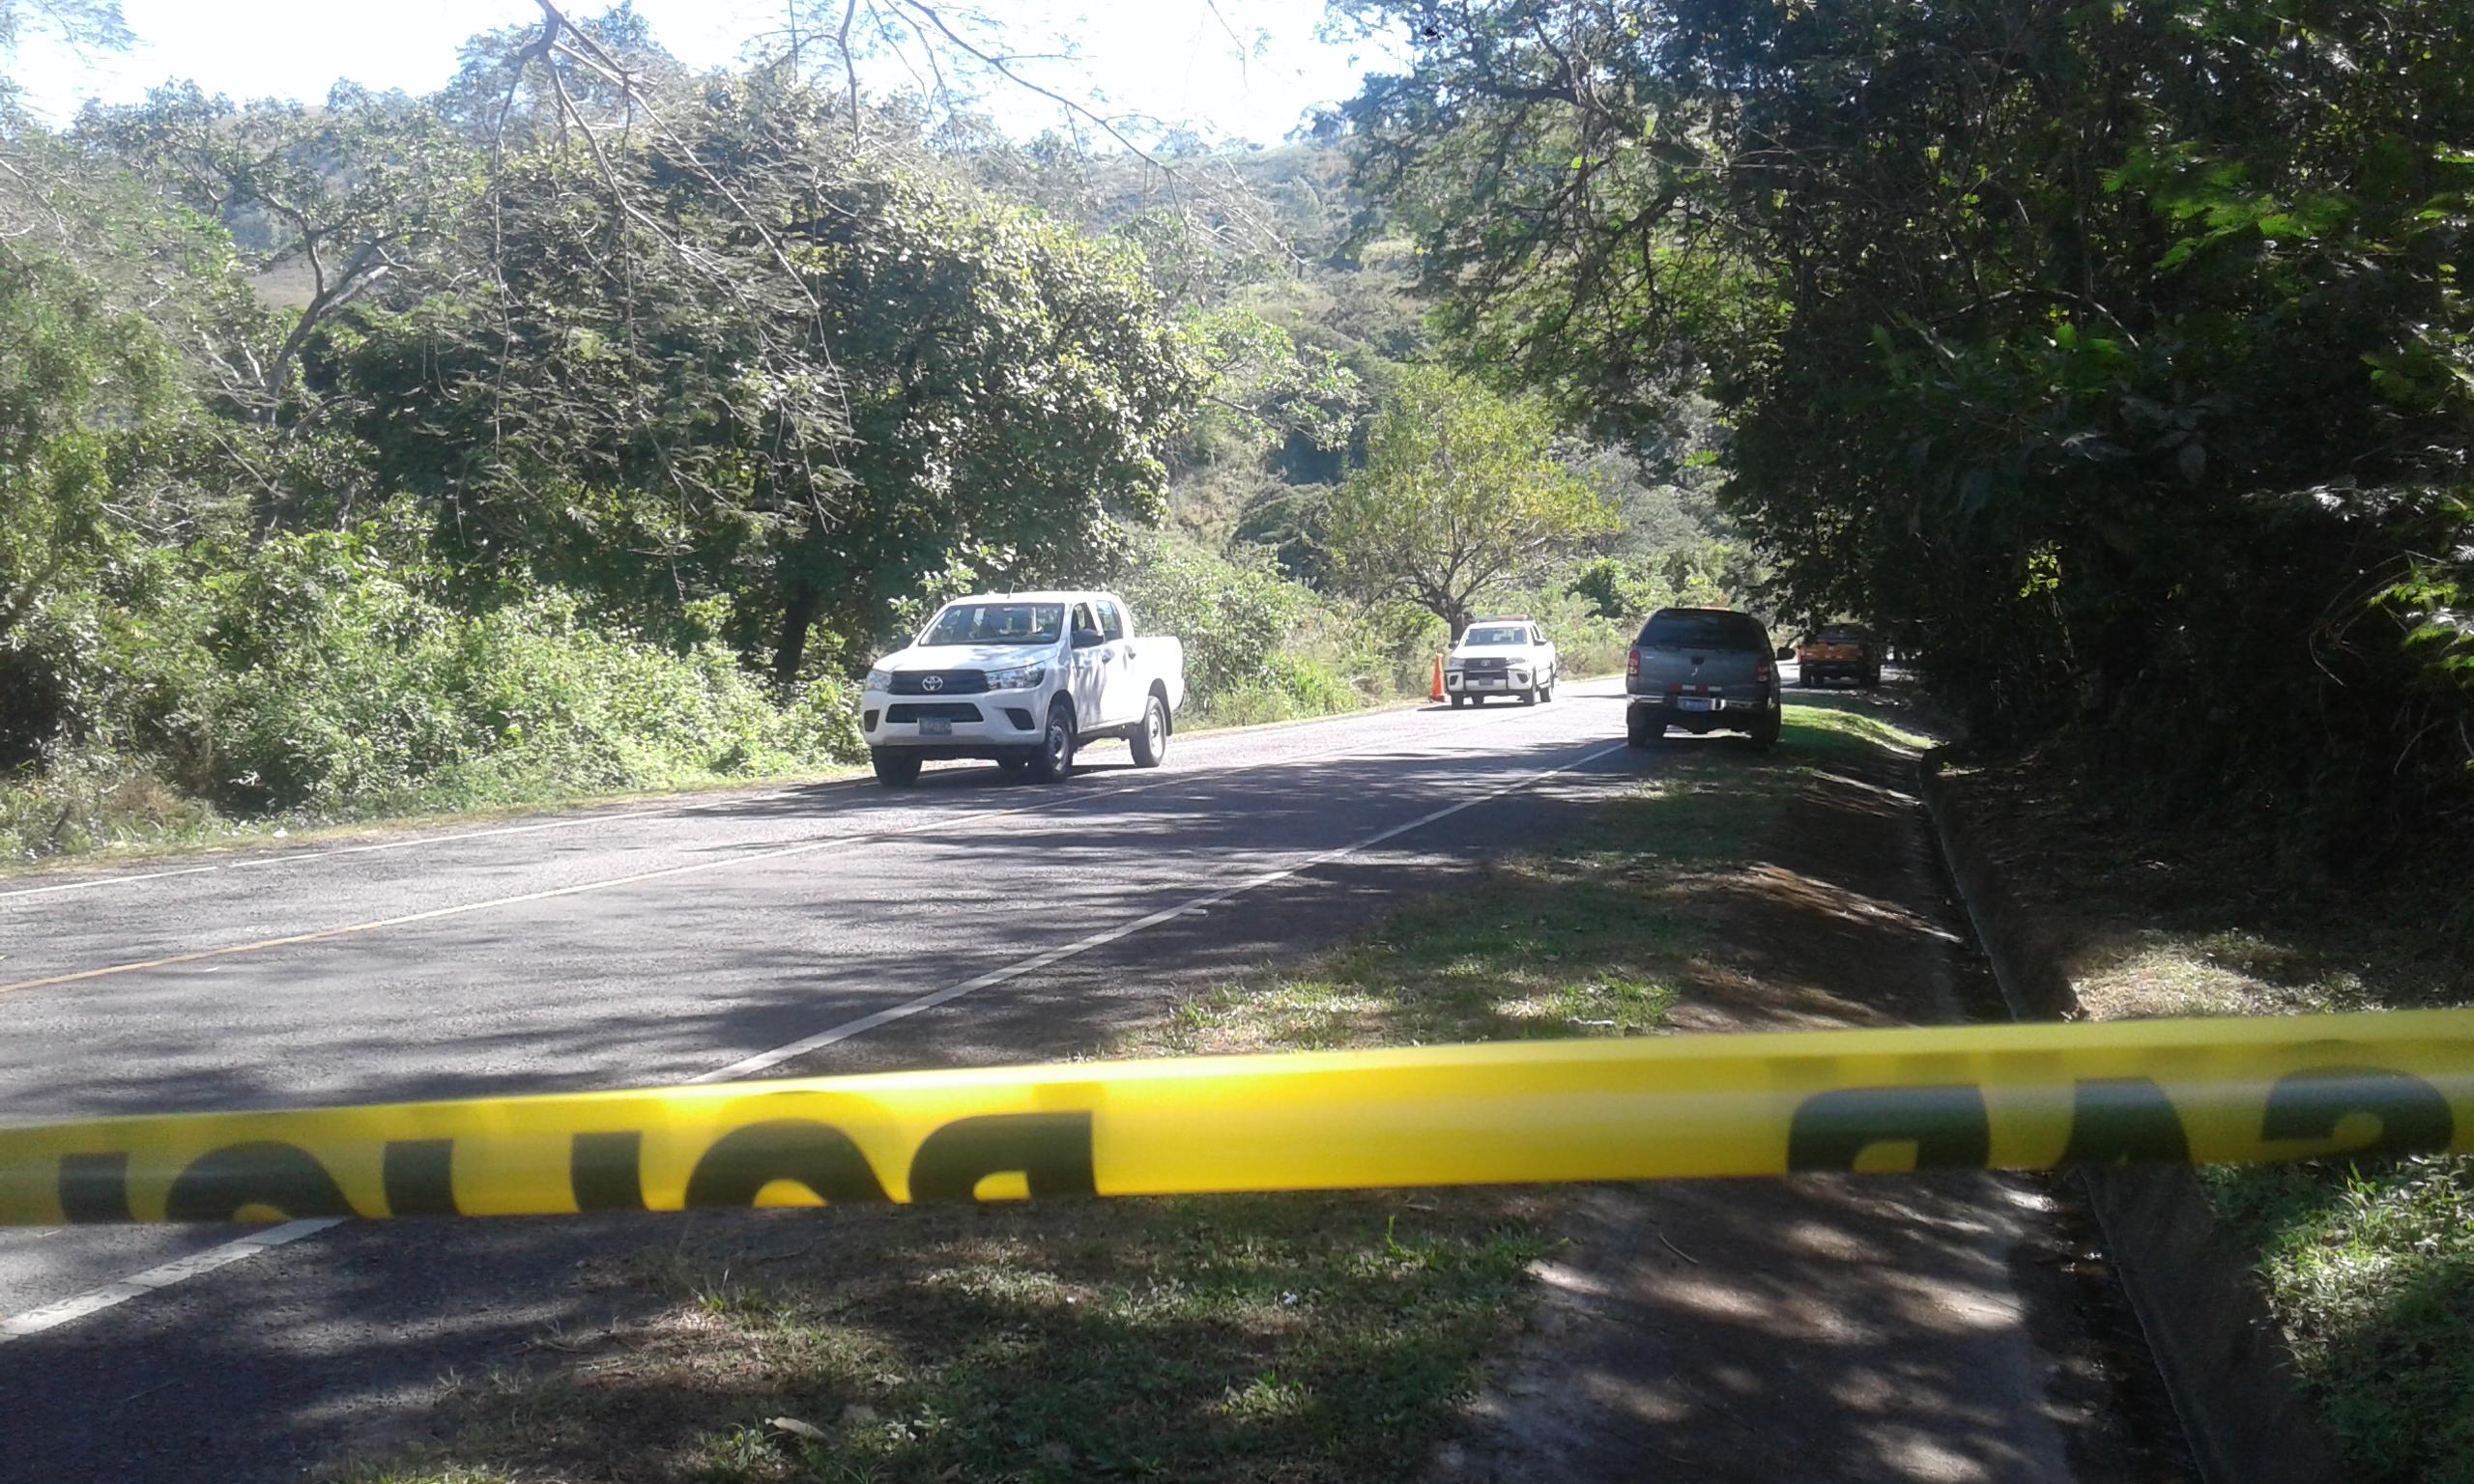 Encuentran dos cuerpos sin vida en la carretera de Santa Ana a San Pablo Tacachico